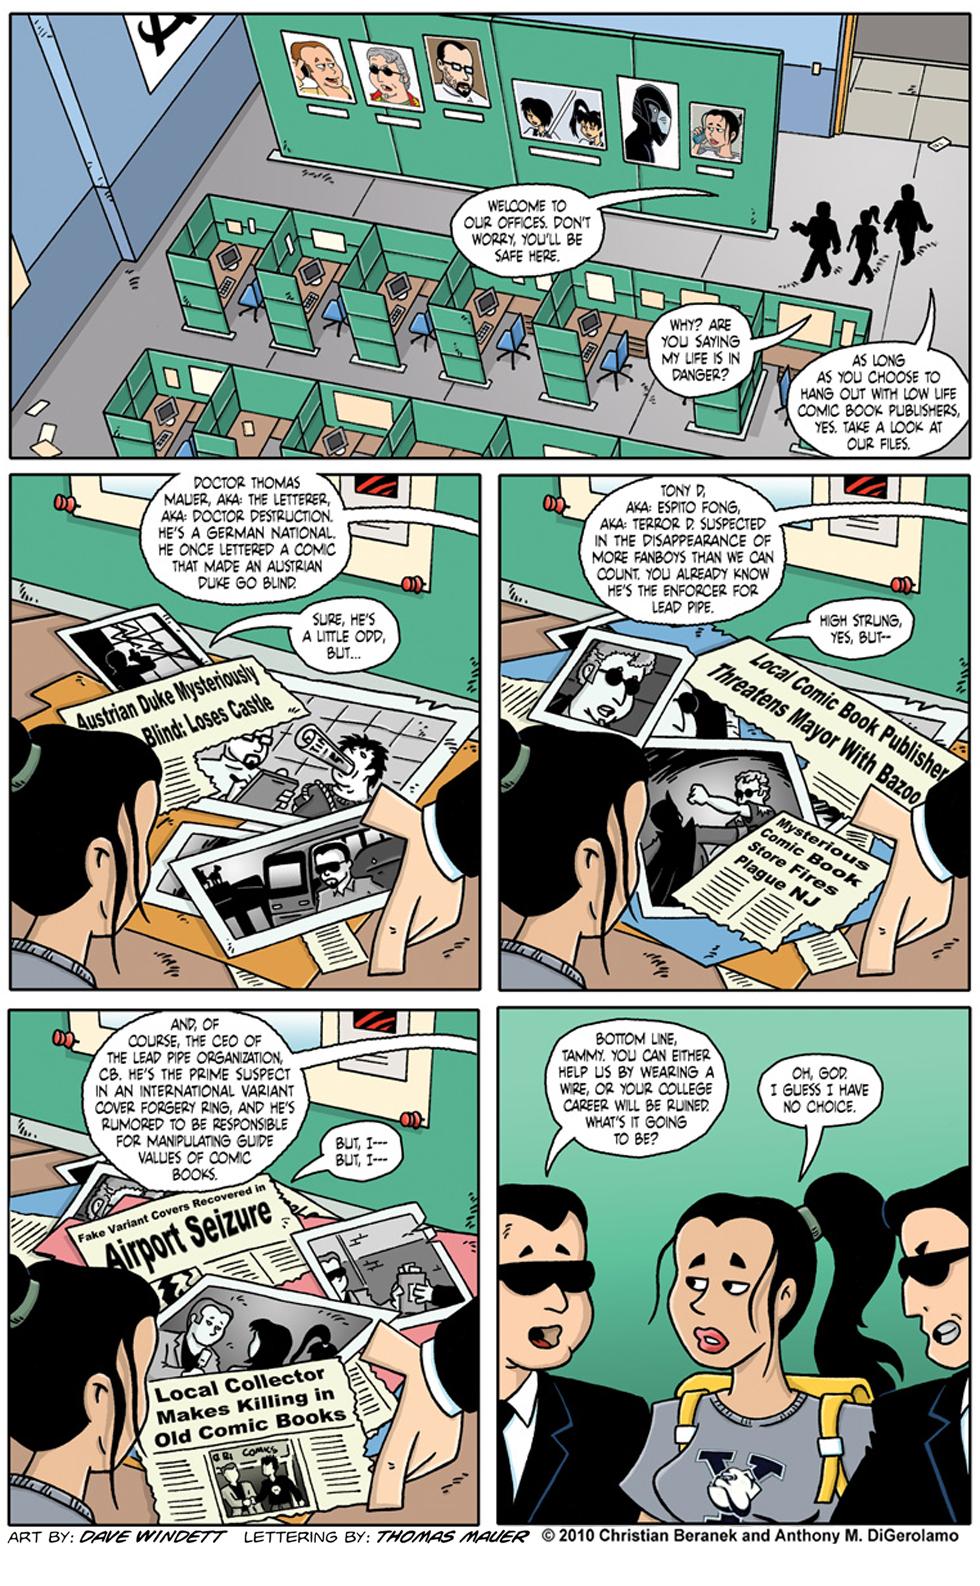 Comic Book Mafia: The Lead Pipe Organization